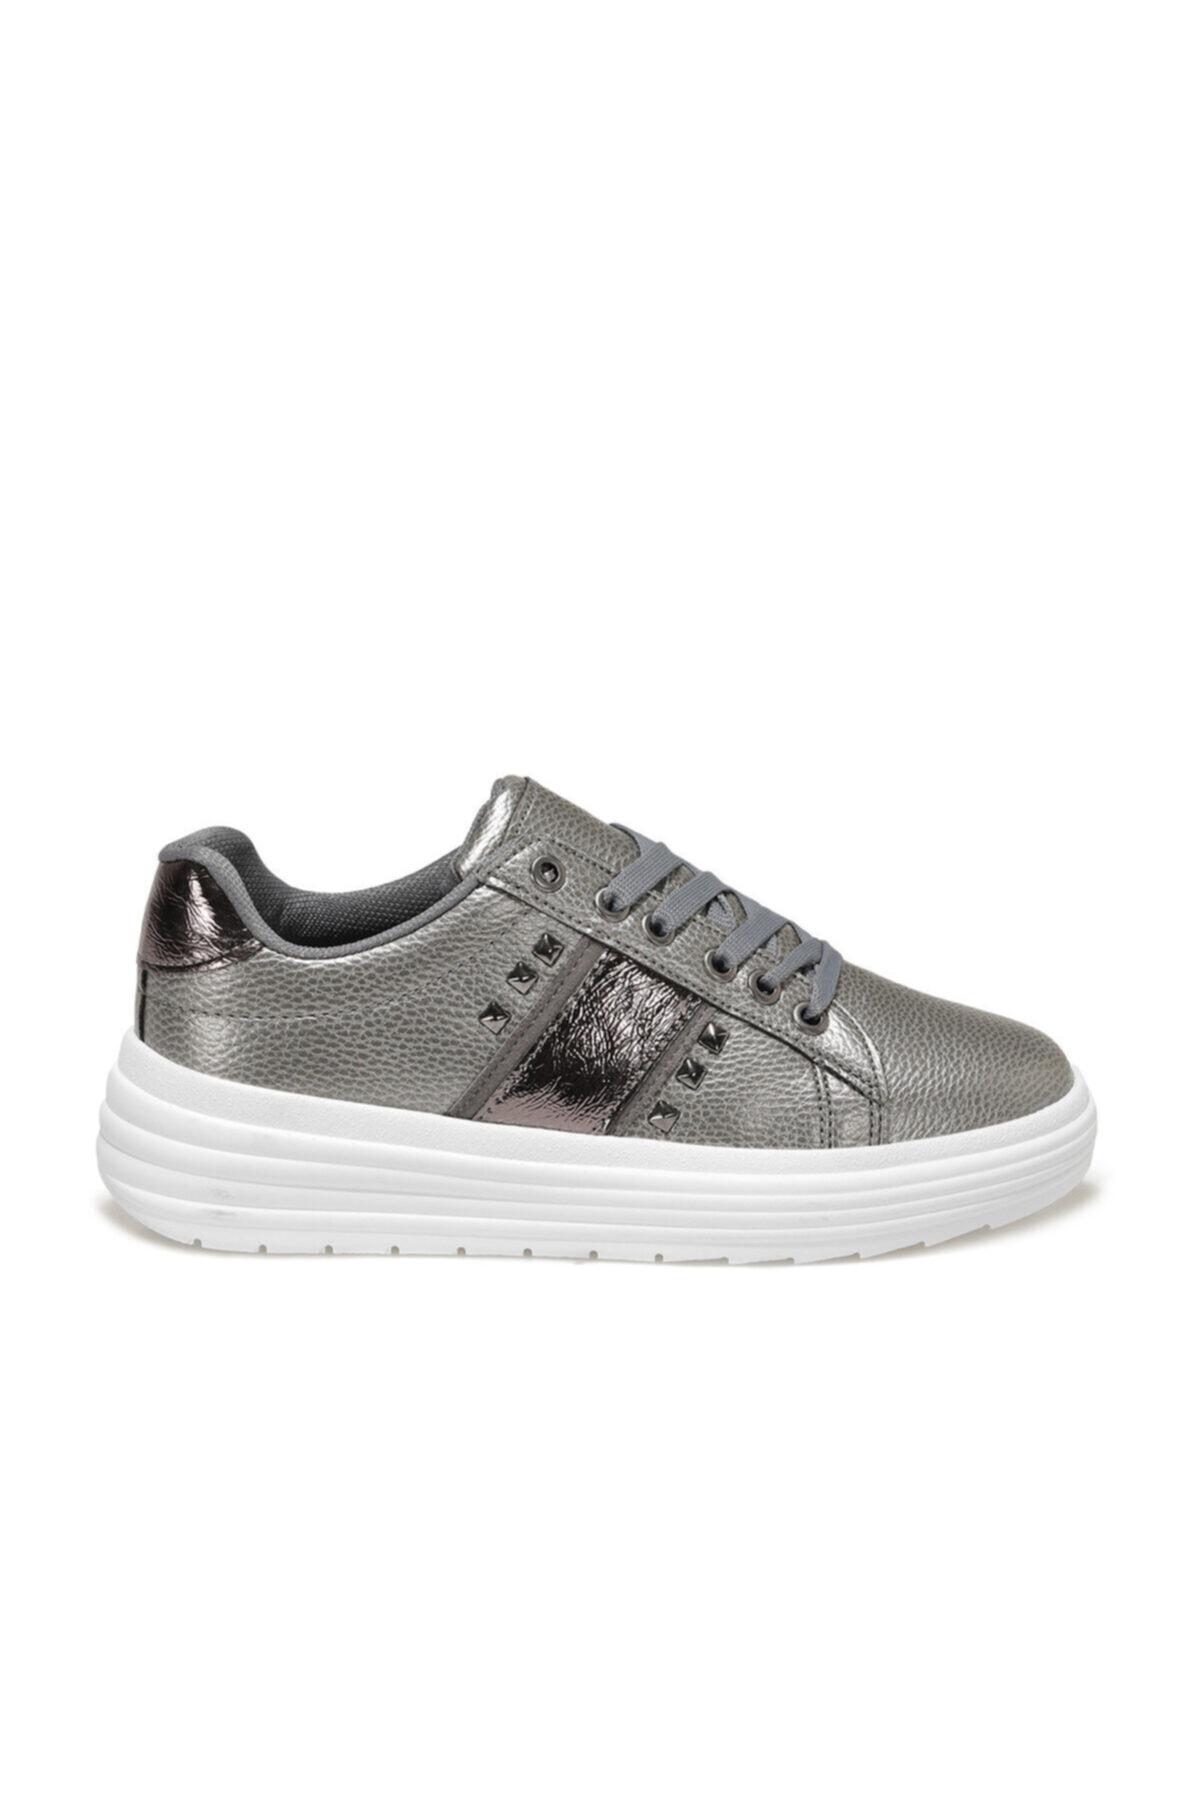 Butigo DONNA Antrasit Kadın Havuz Taban Sneaker 101029786 1